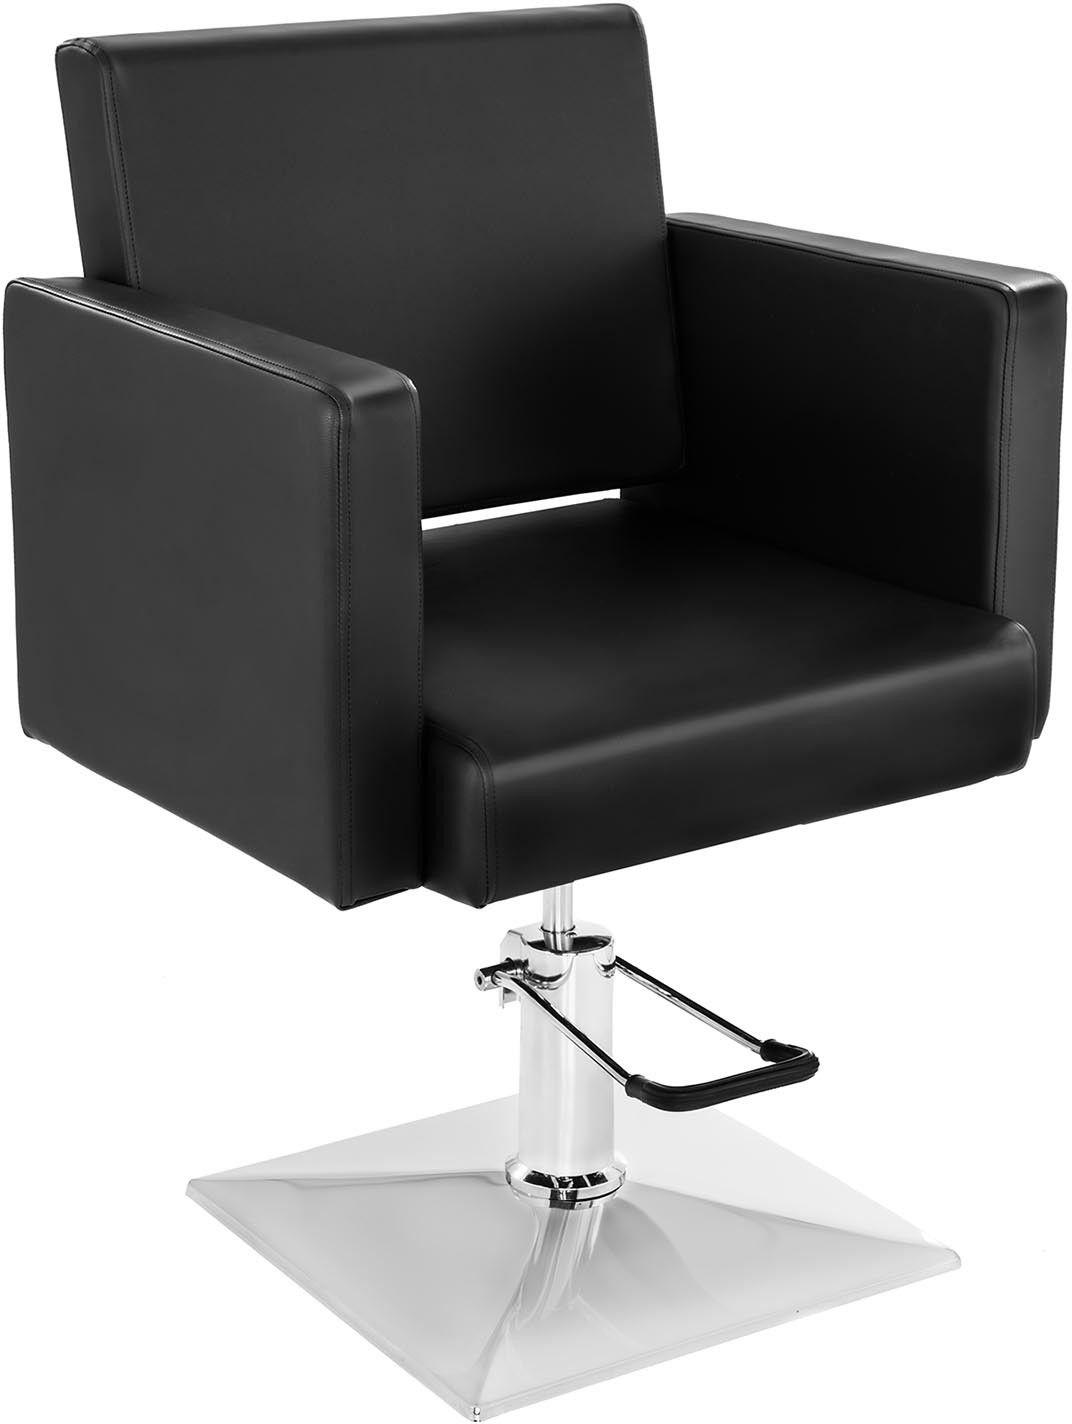 Fotel fryzjerski Physa Bedford czarny - Bedford Black - 3 LATA GWARANCJI / WYSYŁKA W 24H ZA 0 ZŁ!